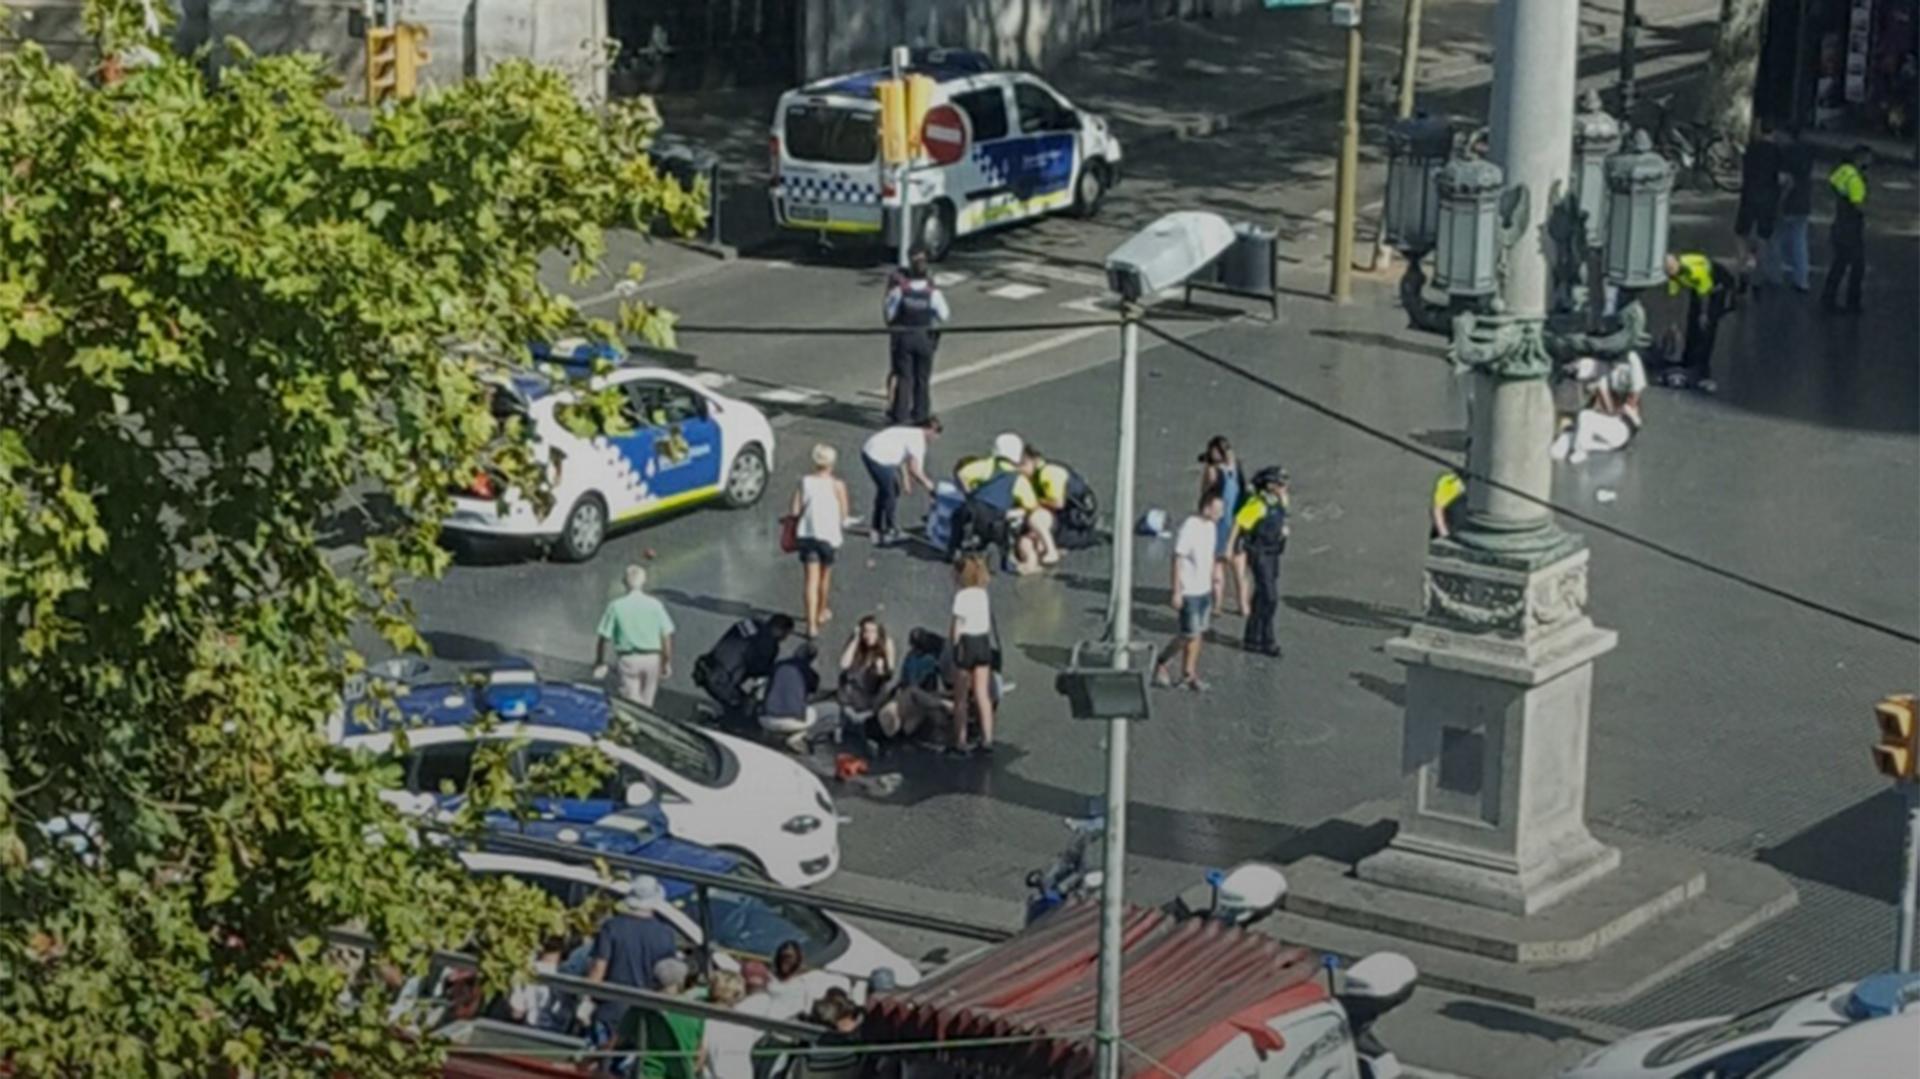 Se inició un operativo para intentar arrestar al atacante